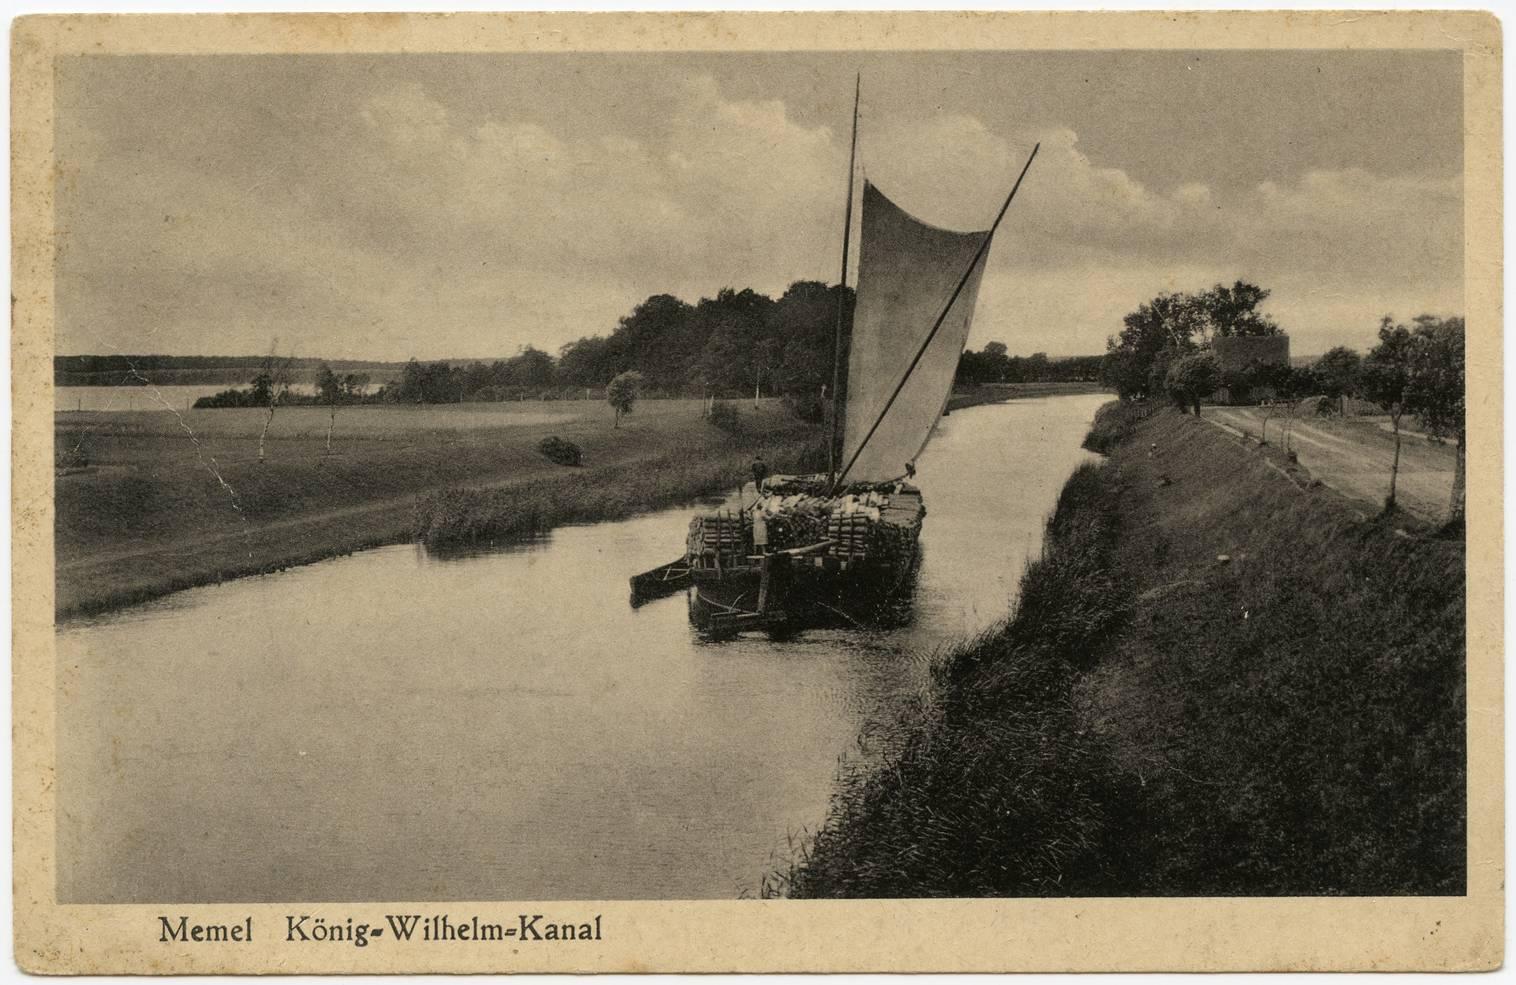 Memel König-Wilhelm-Kanal